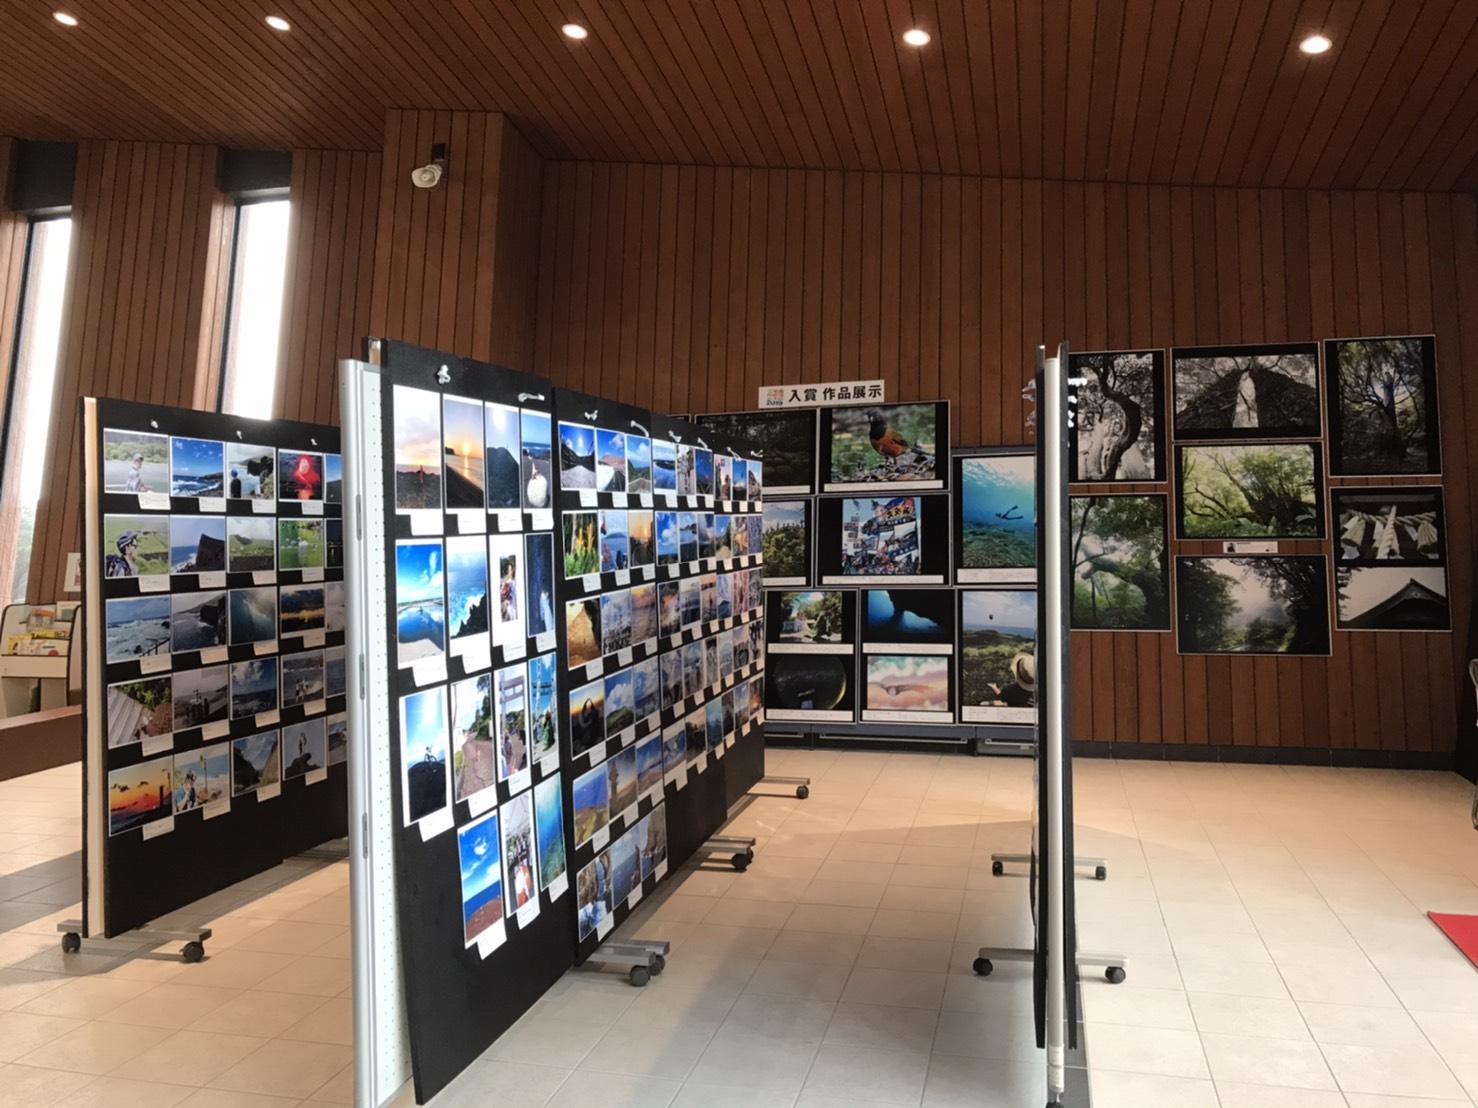 フォトコン2019作品展示 in ここぽーと